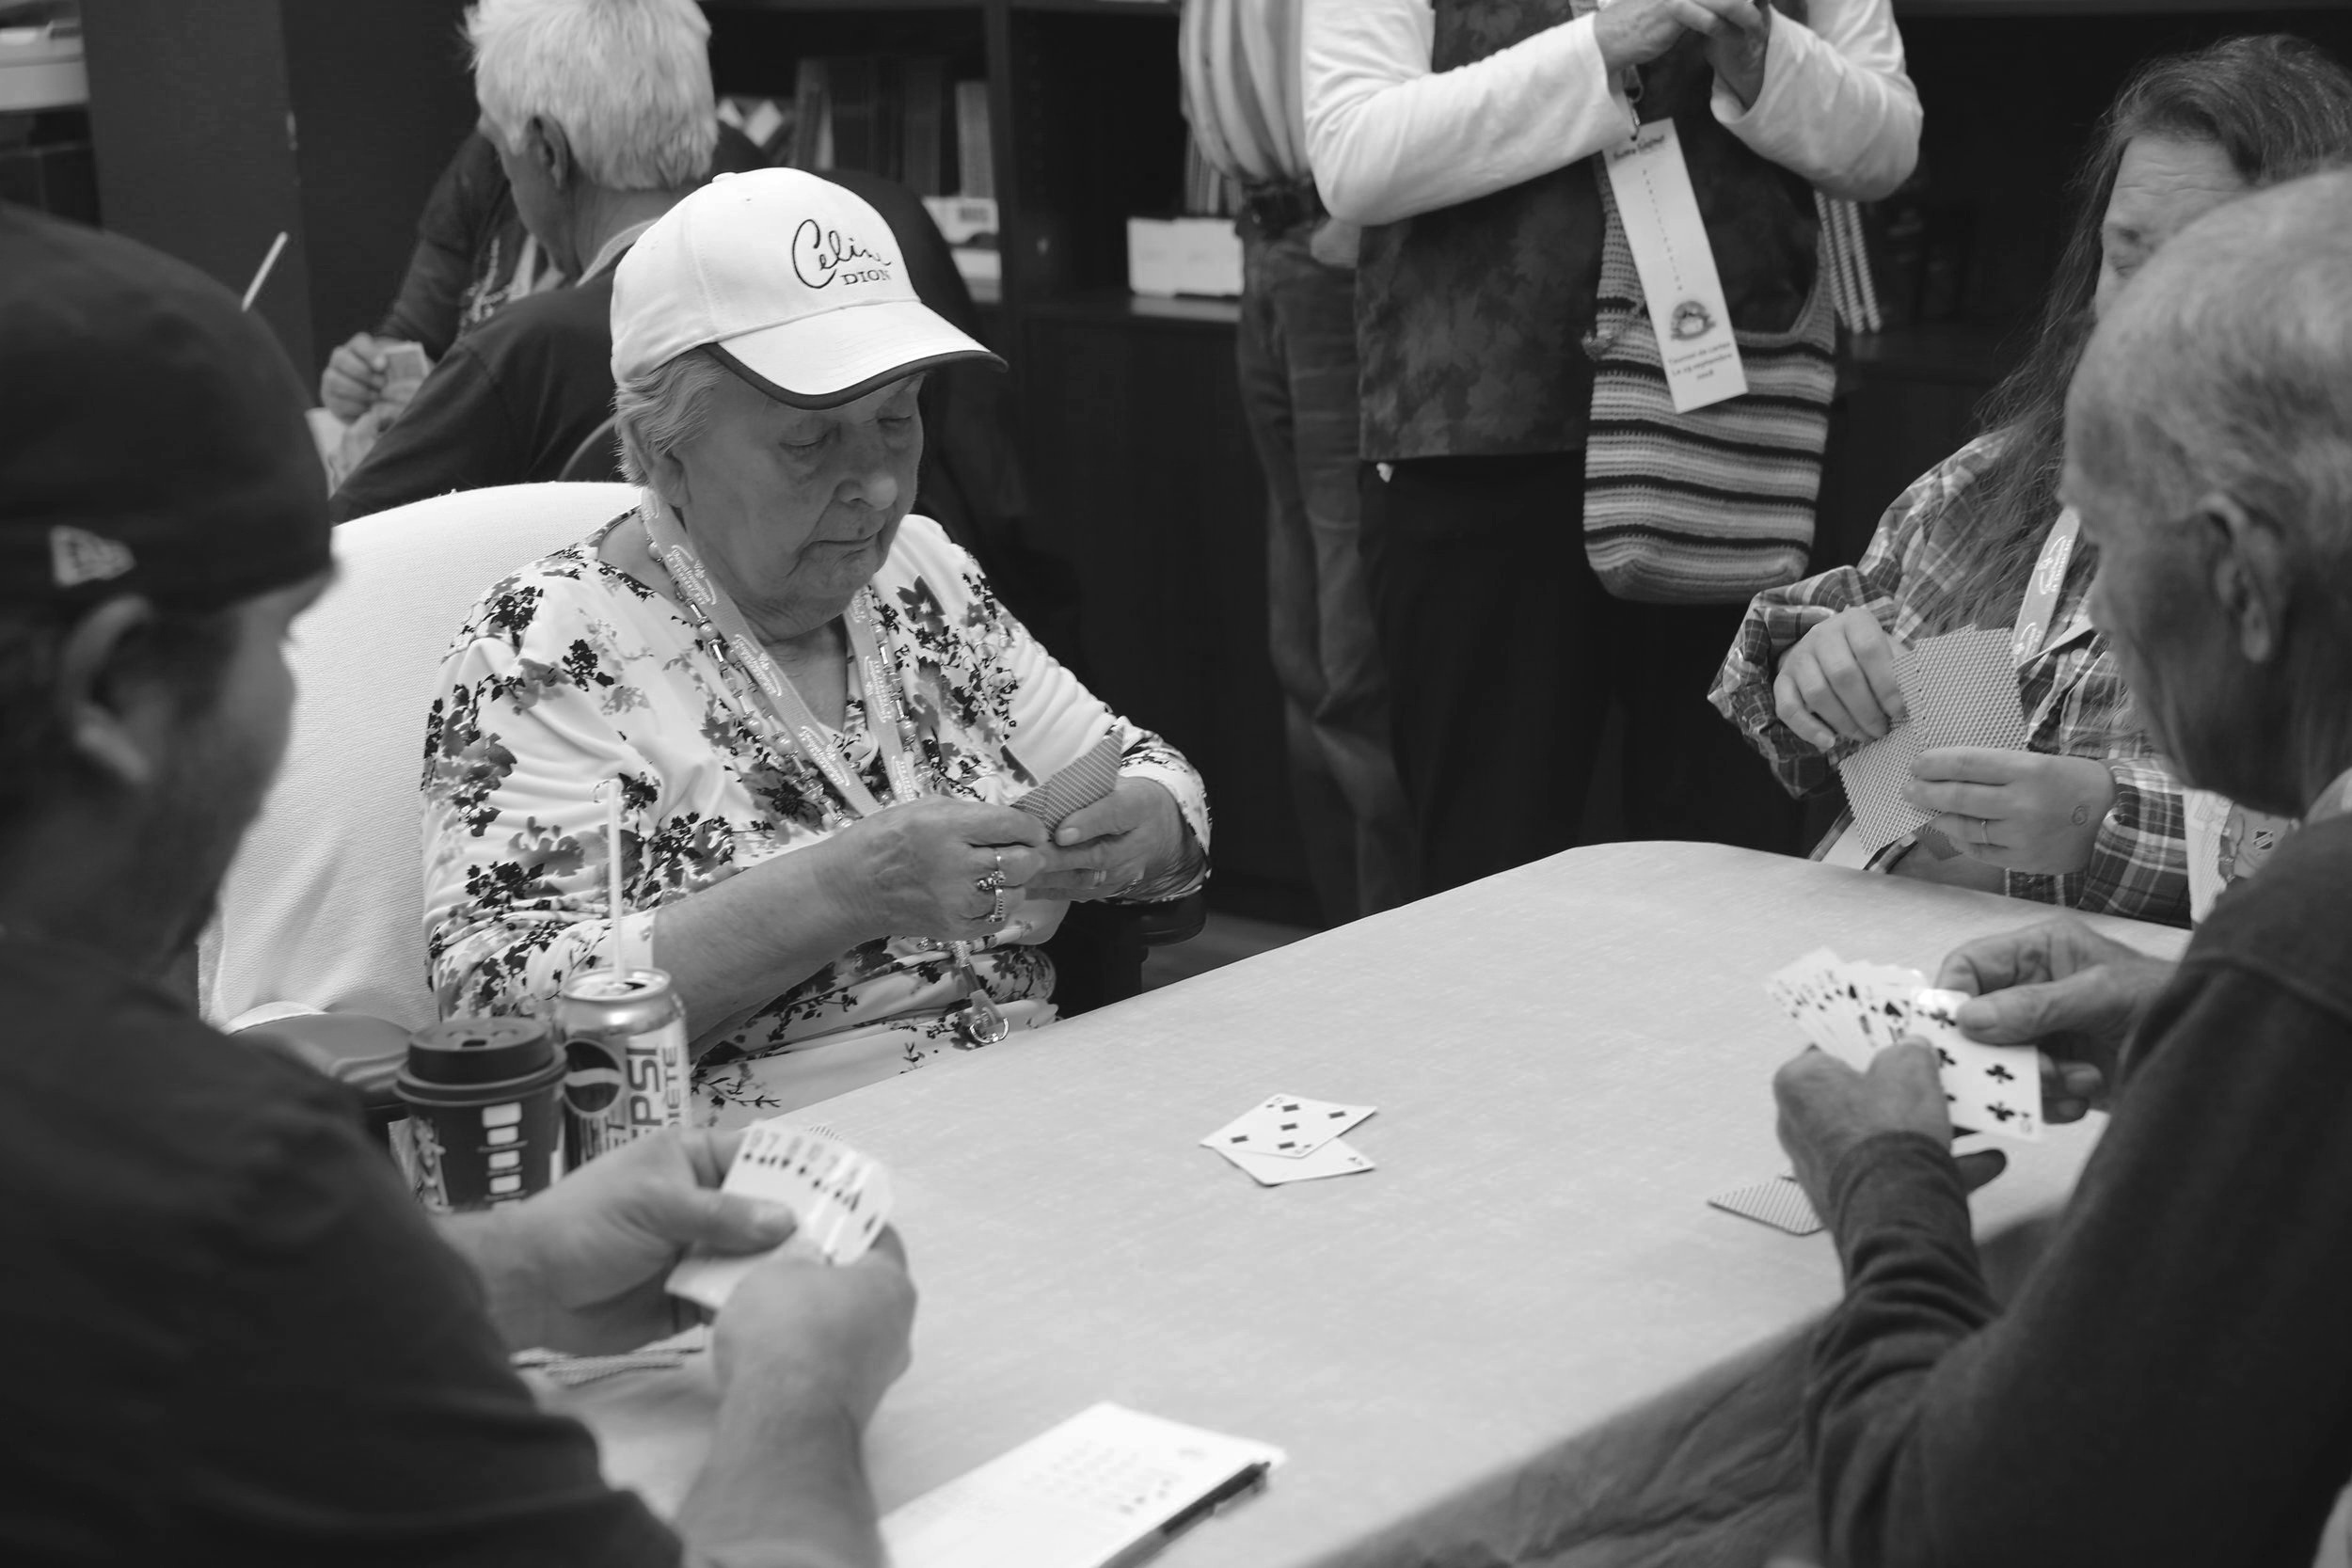 Jeux de cartes - 2018